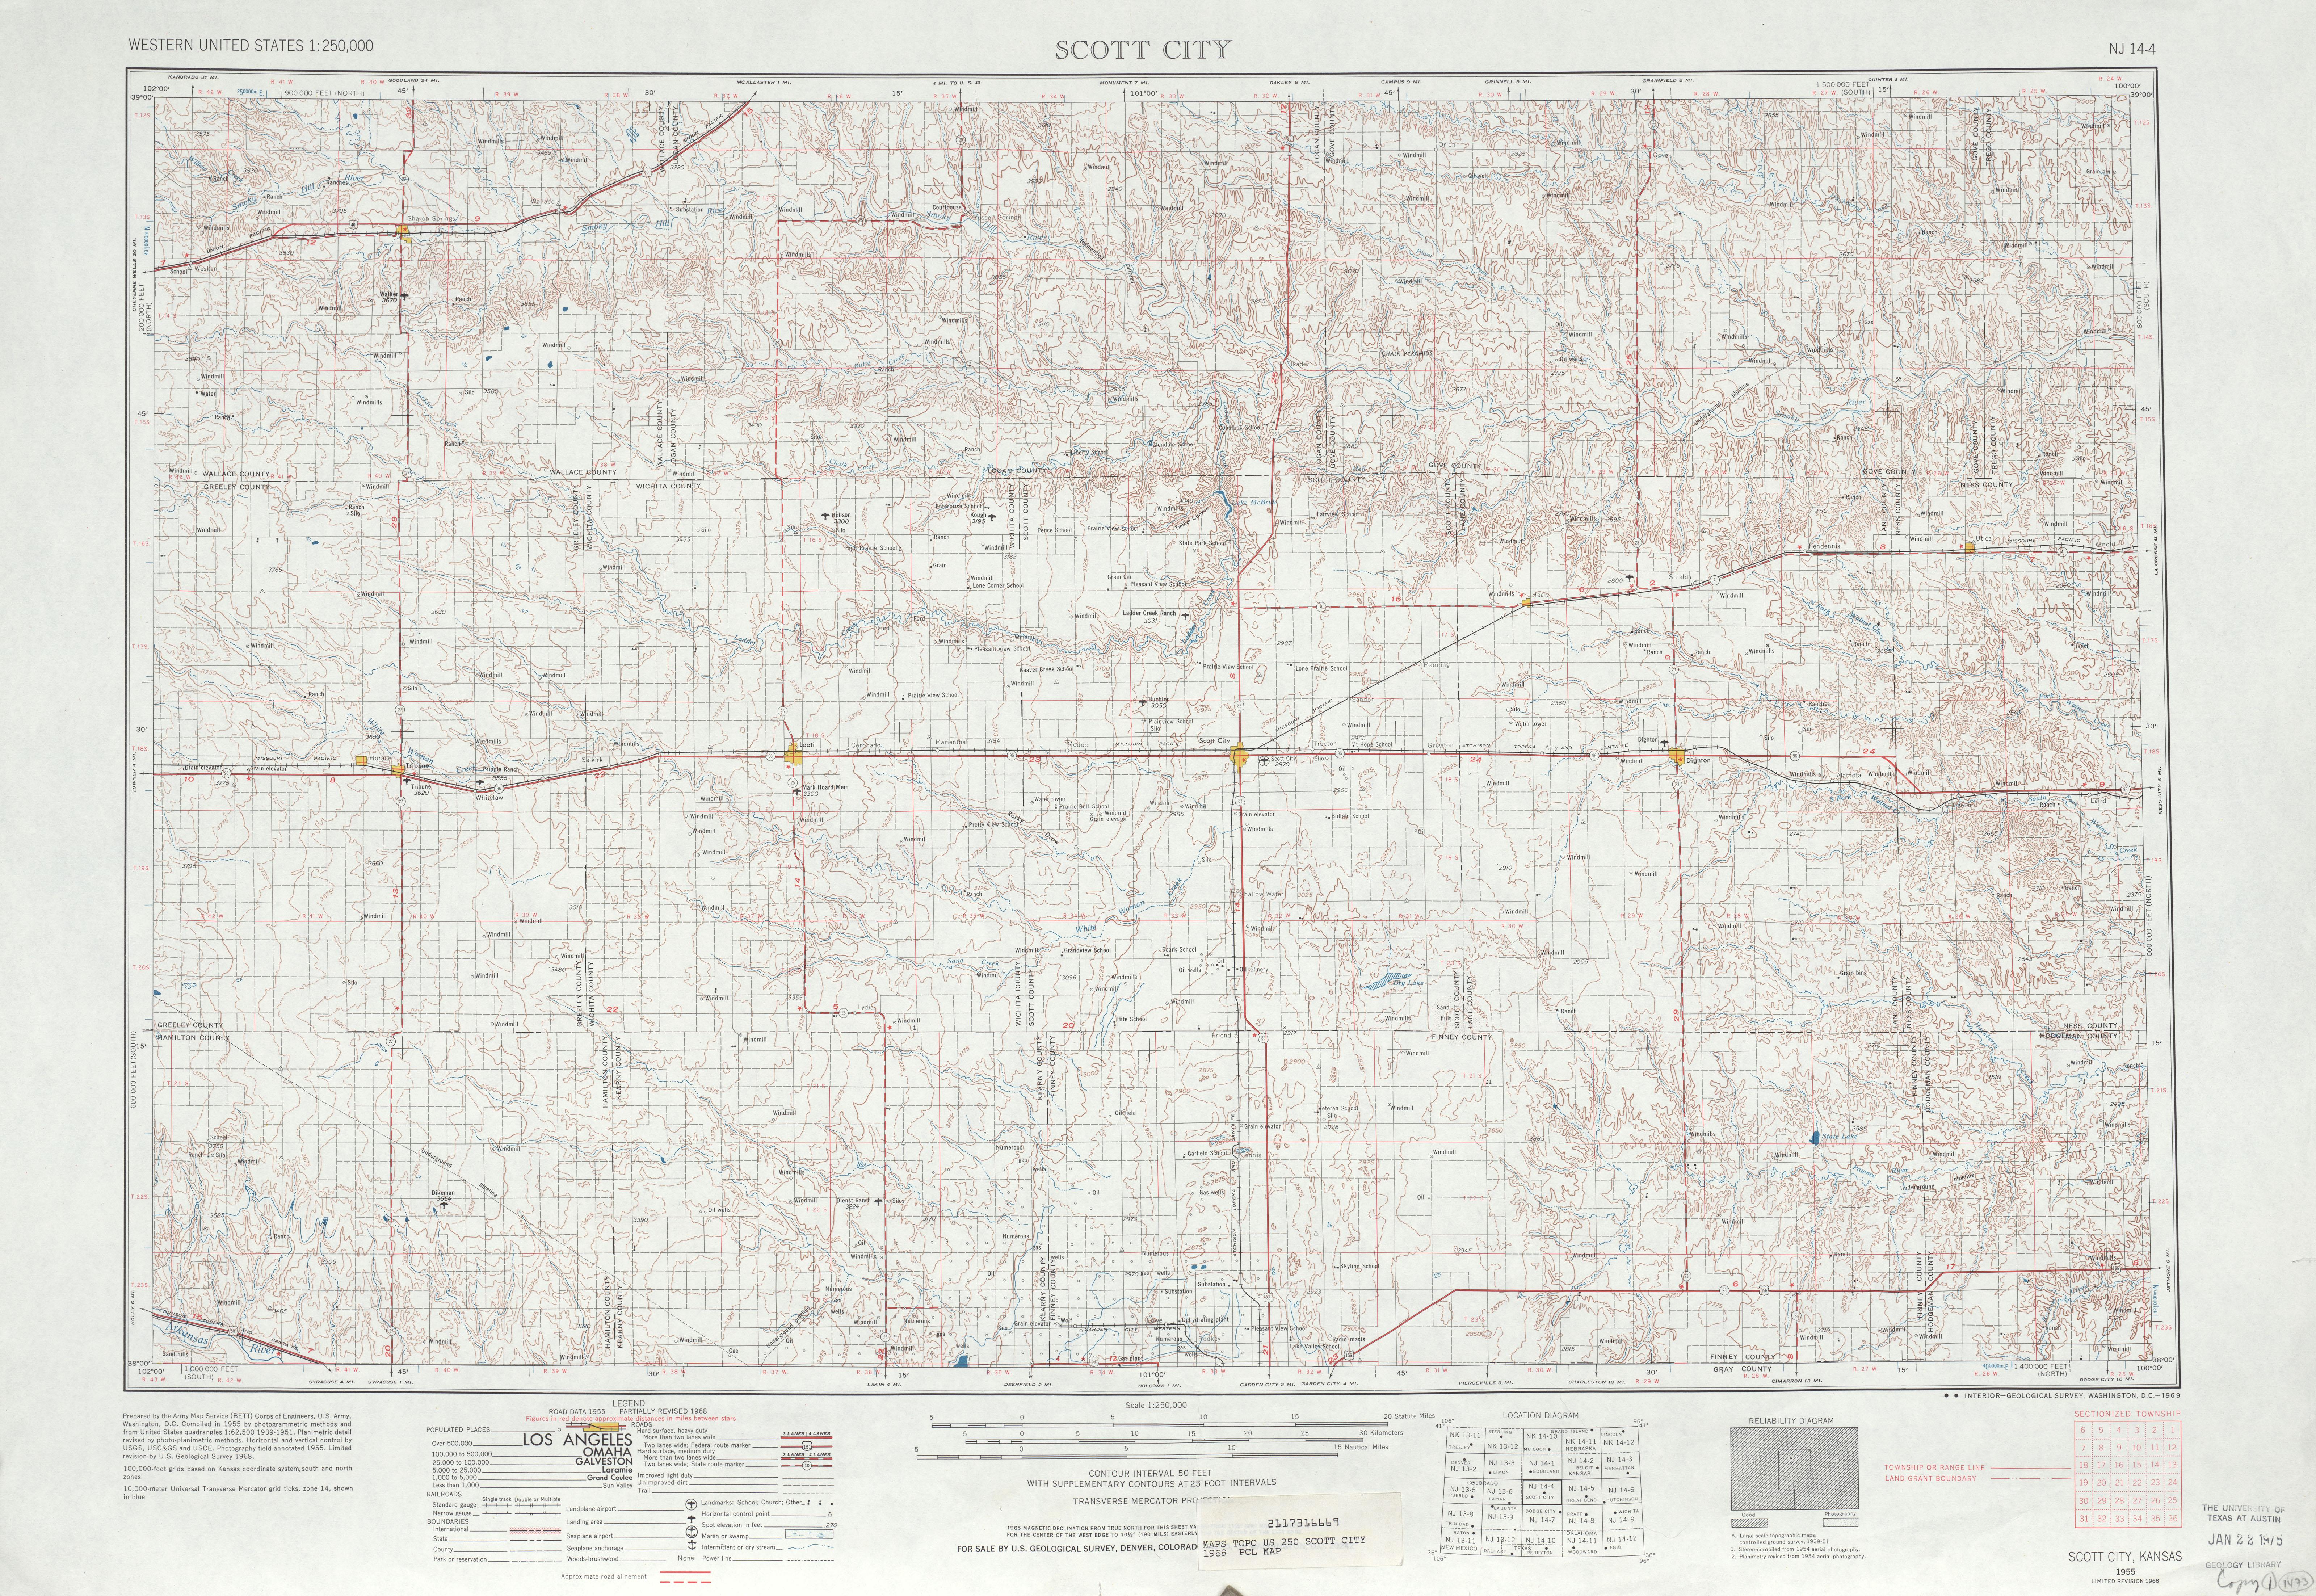 Hoja Scott City del Mapa Topográfico de los Estados Unidos 1968